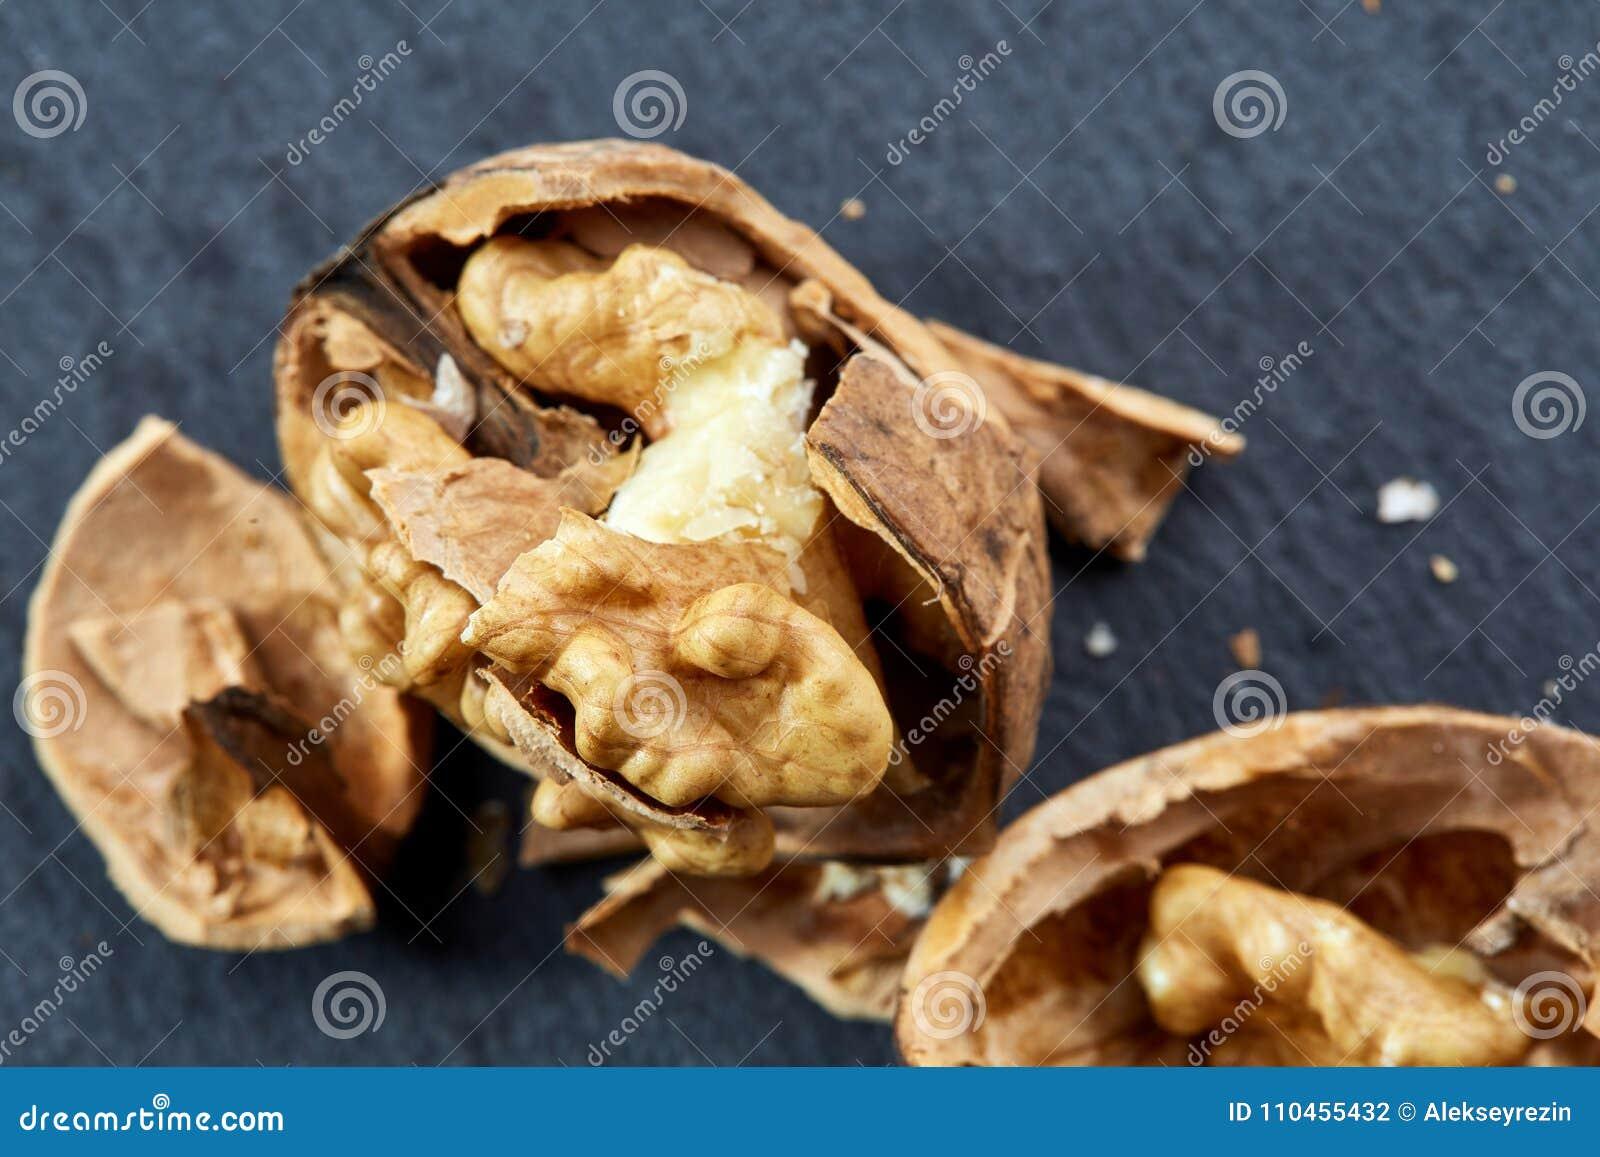 Närbilden för bästa sikt sköt av spruckna valnötter på mörk bakgrund, grunt djup av fältet, makro